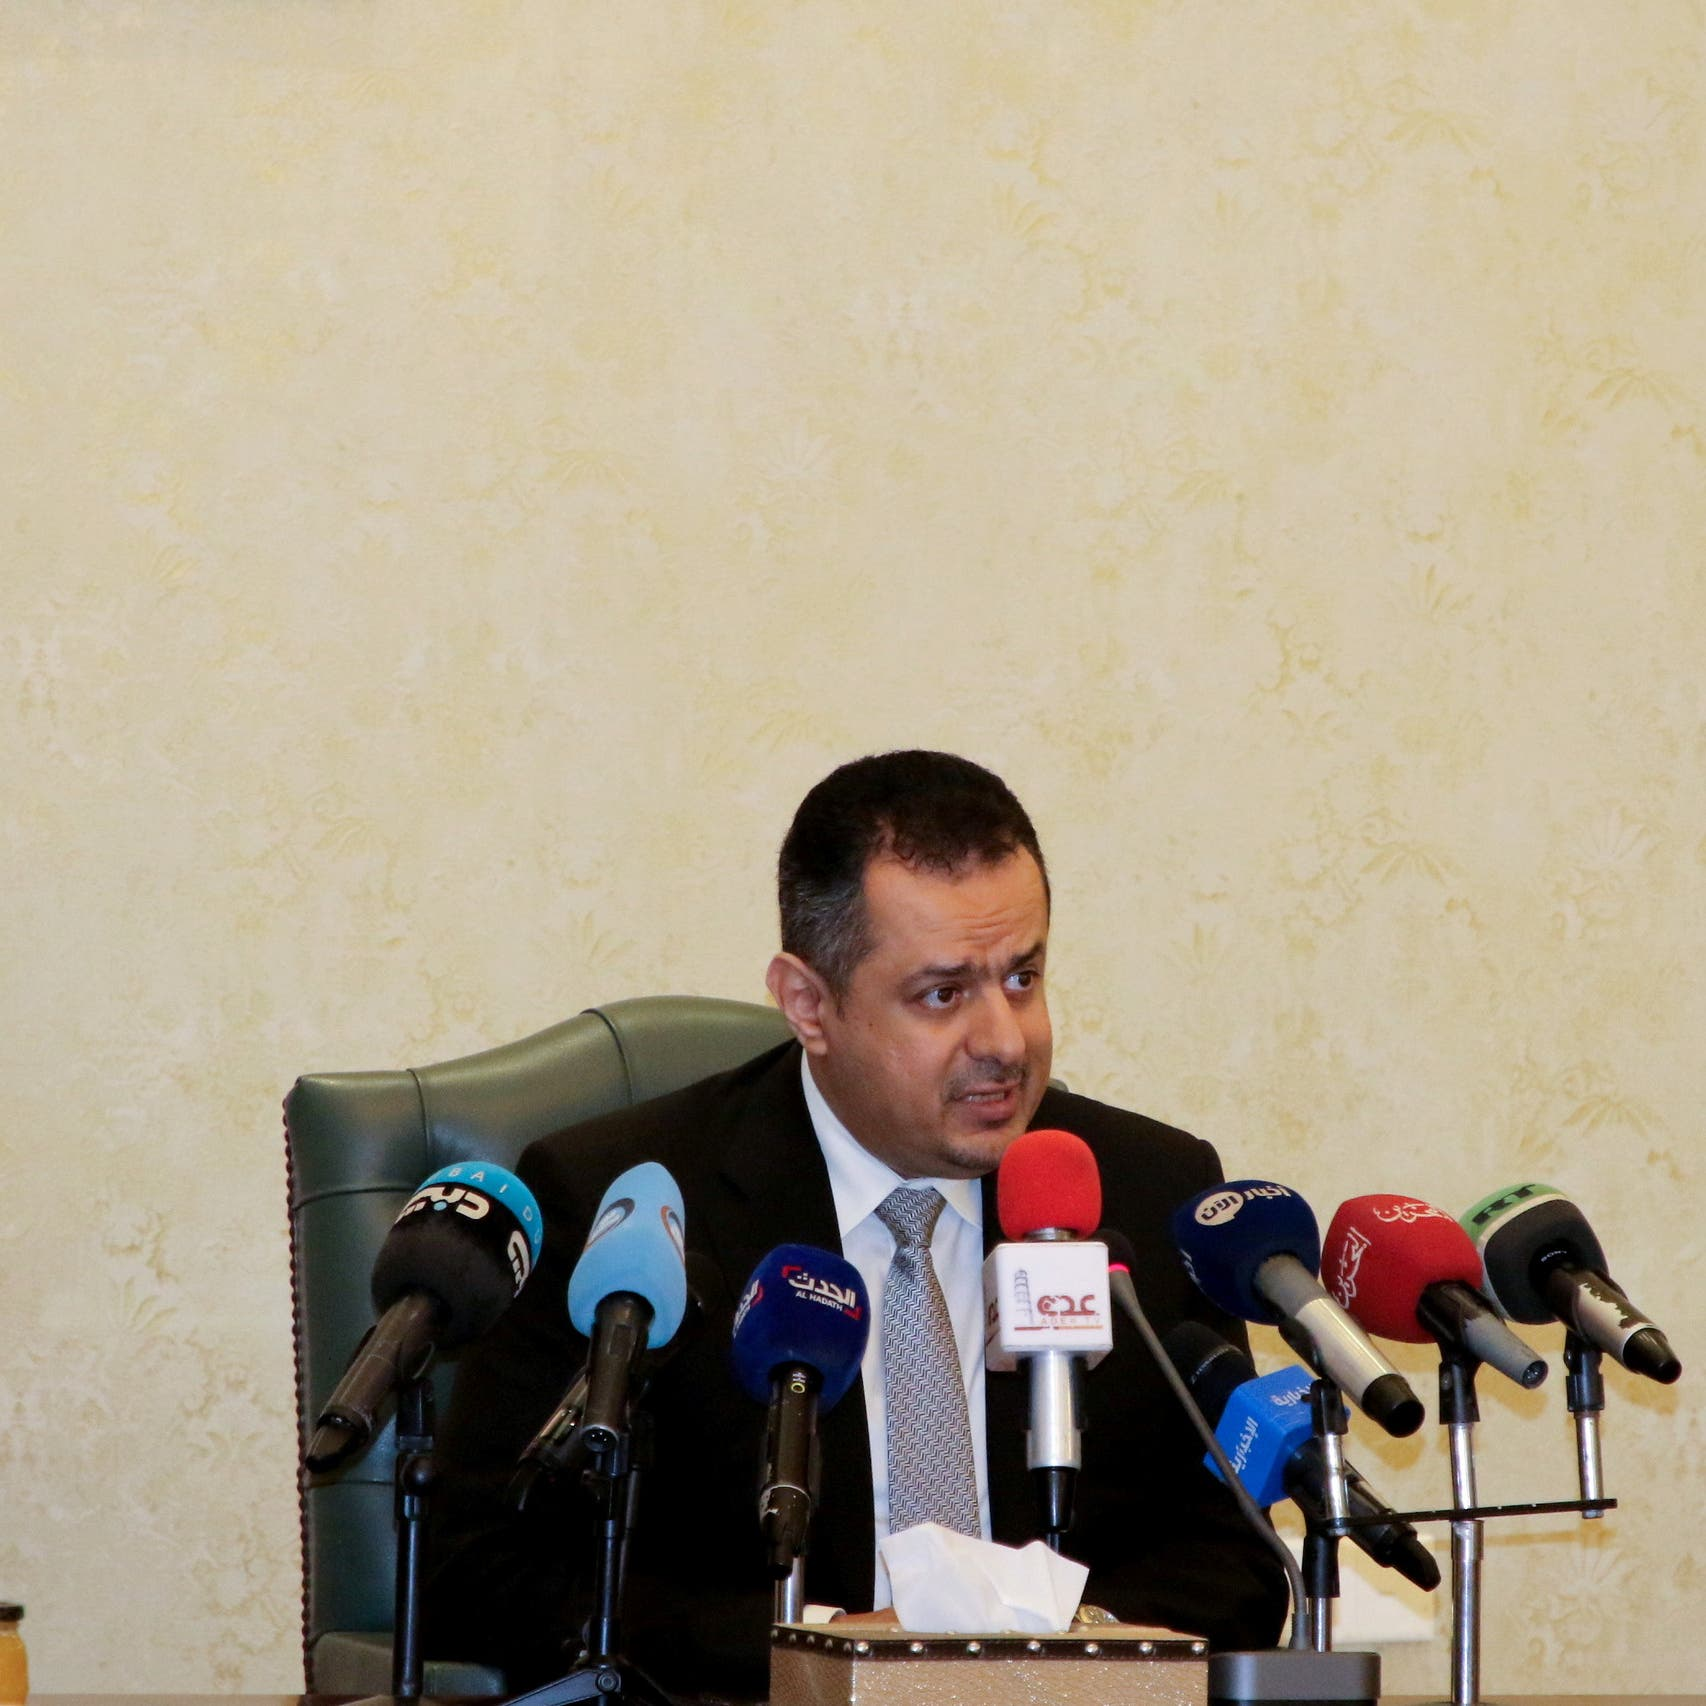 حكومة اليمن تطالب بدعم دولي لإجراءاتها لتفادي كارثة إنسانية